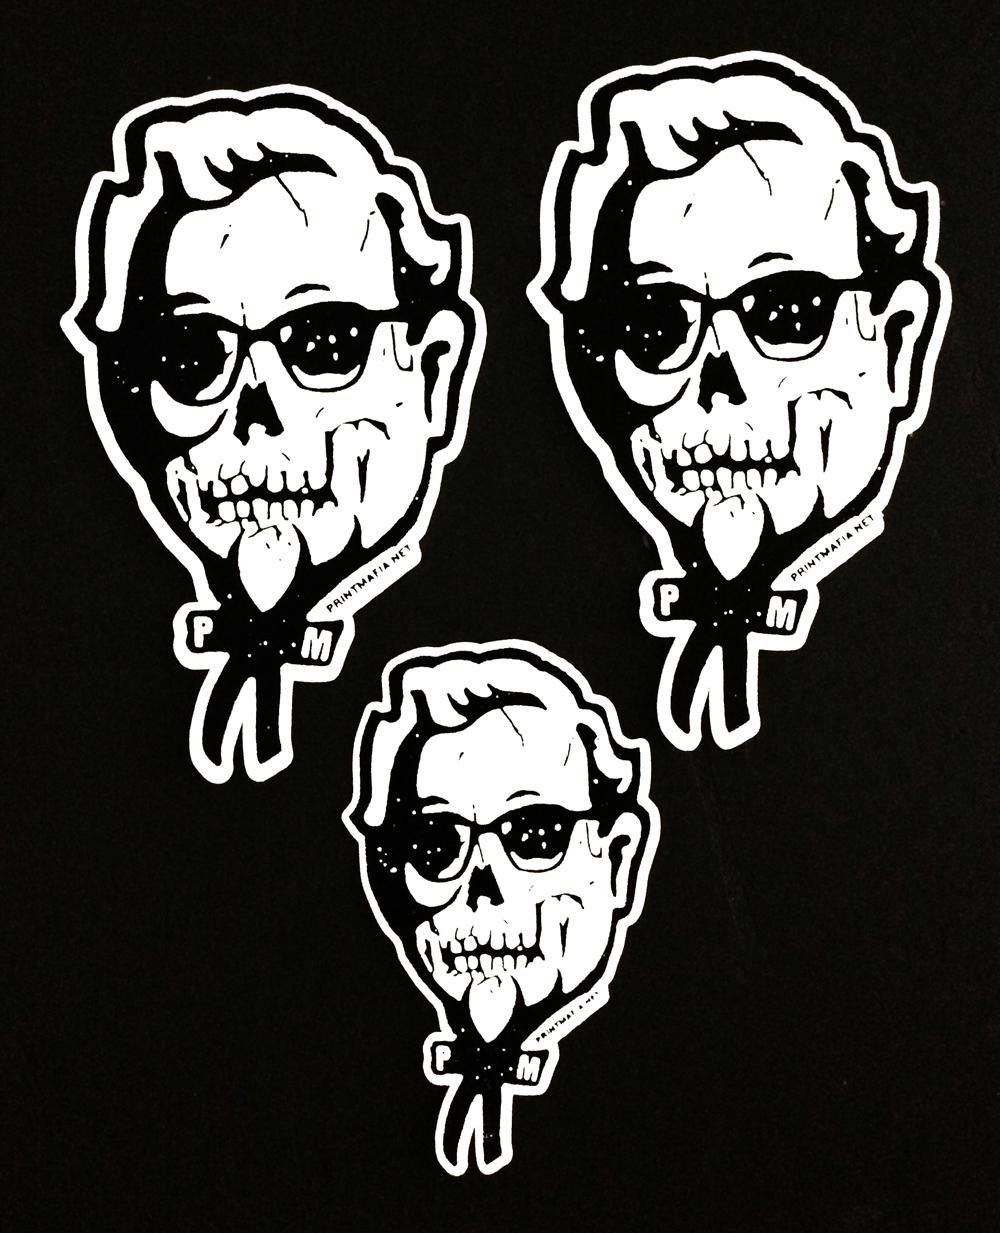 1000x1233 Print Mafia Skull Sanders Die Cut Stickers